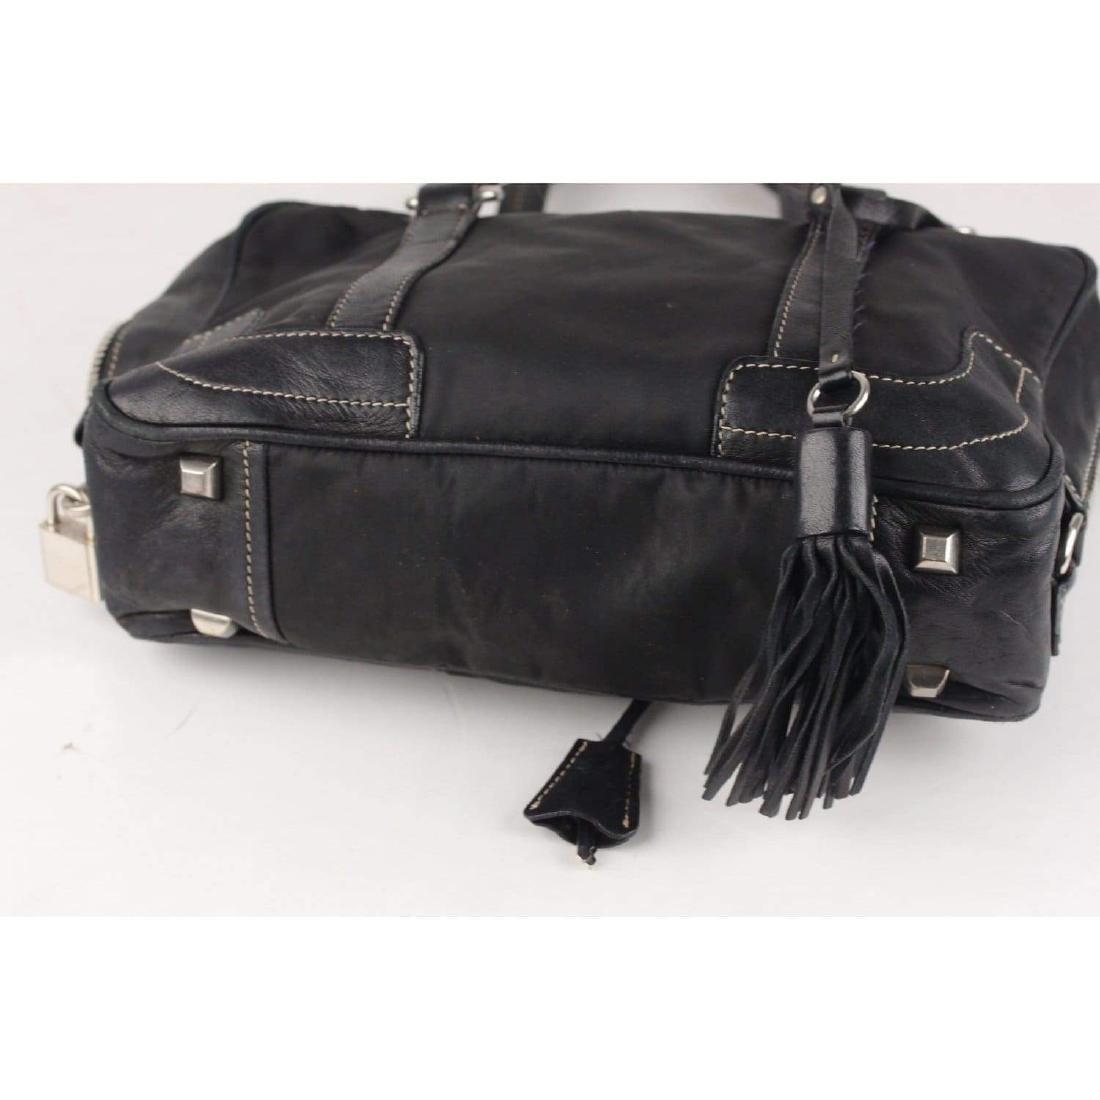 Prada Shoulder Bag with Tassels - 6